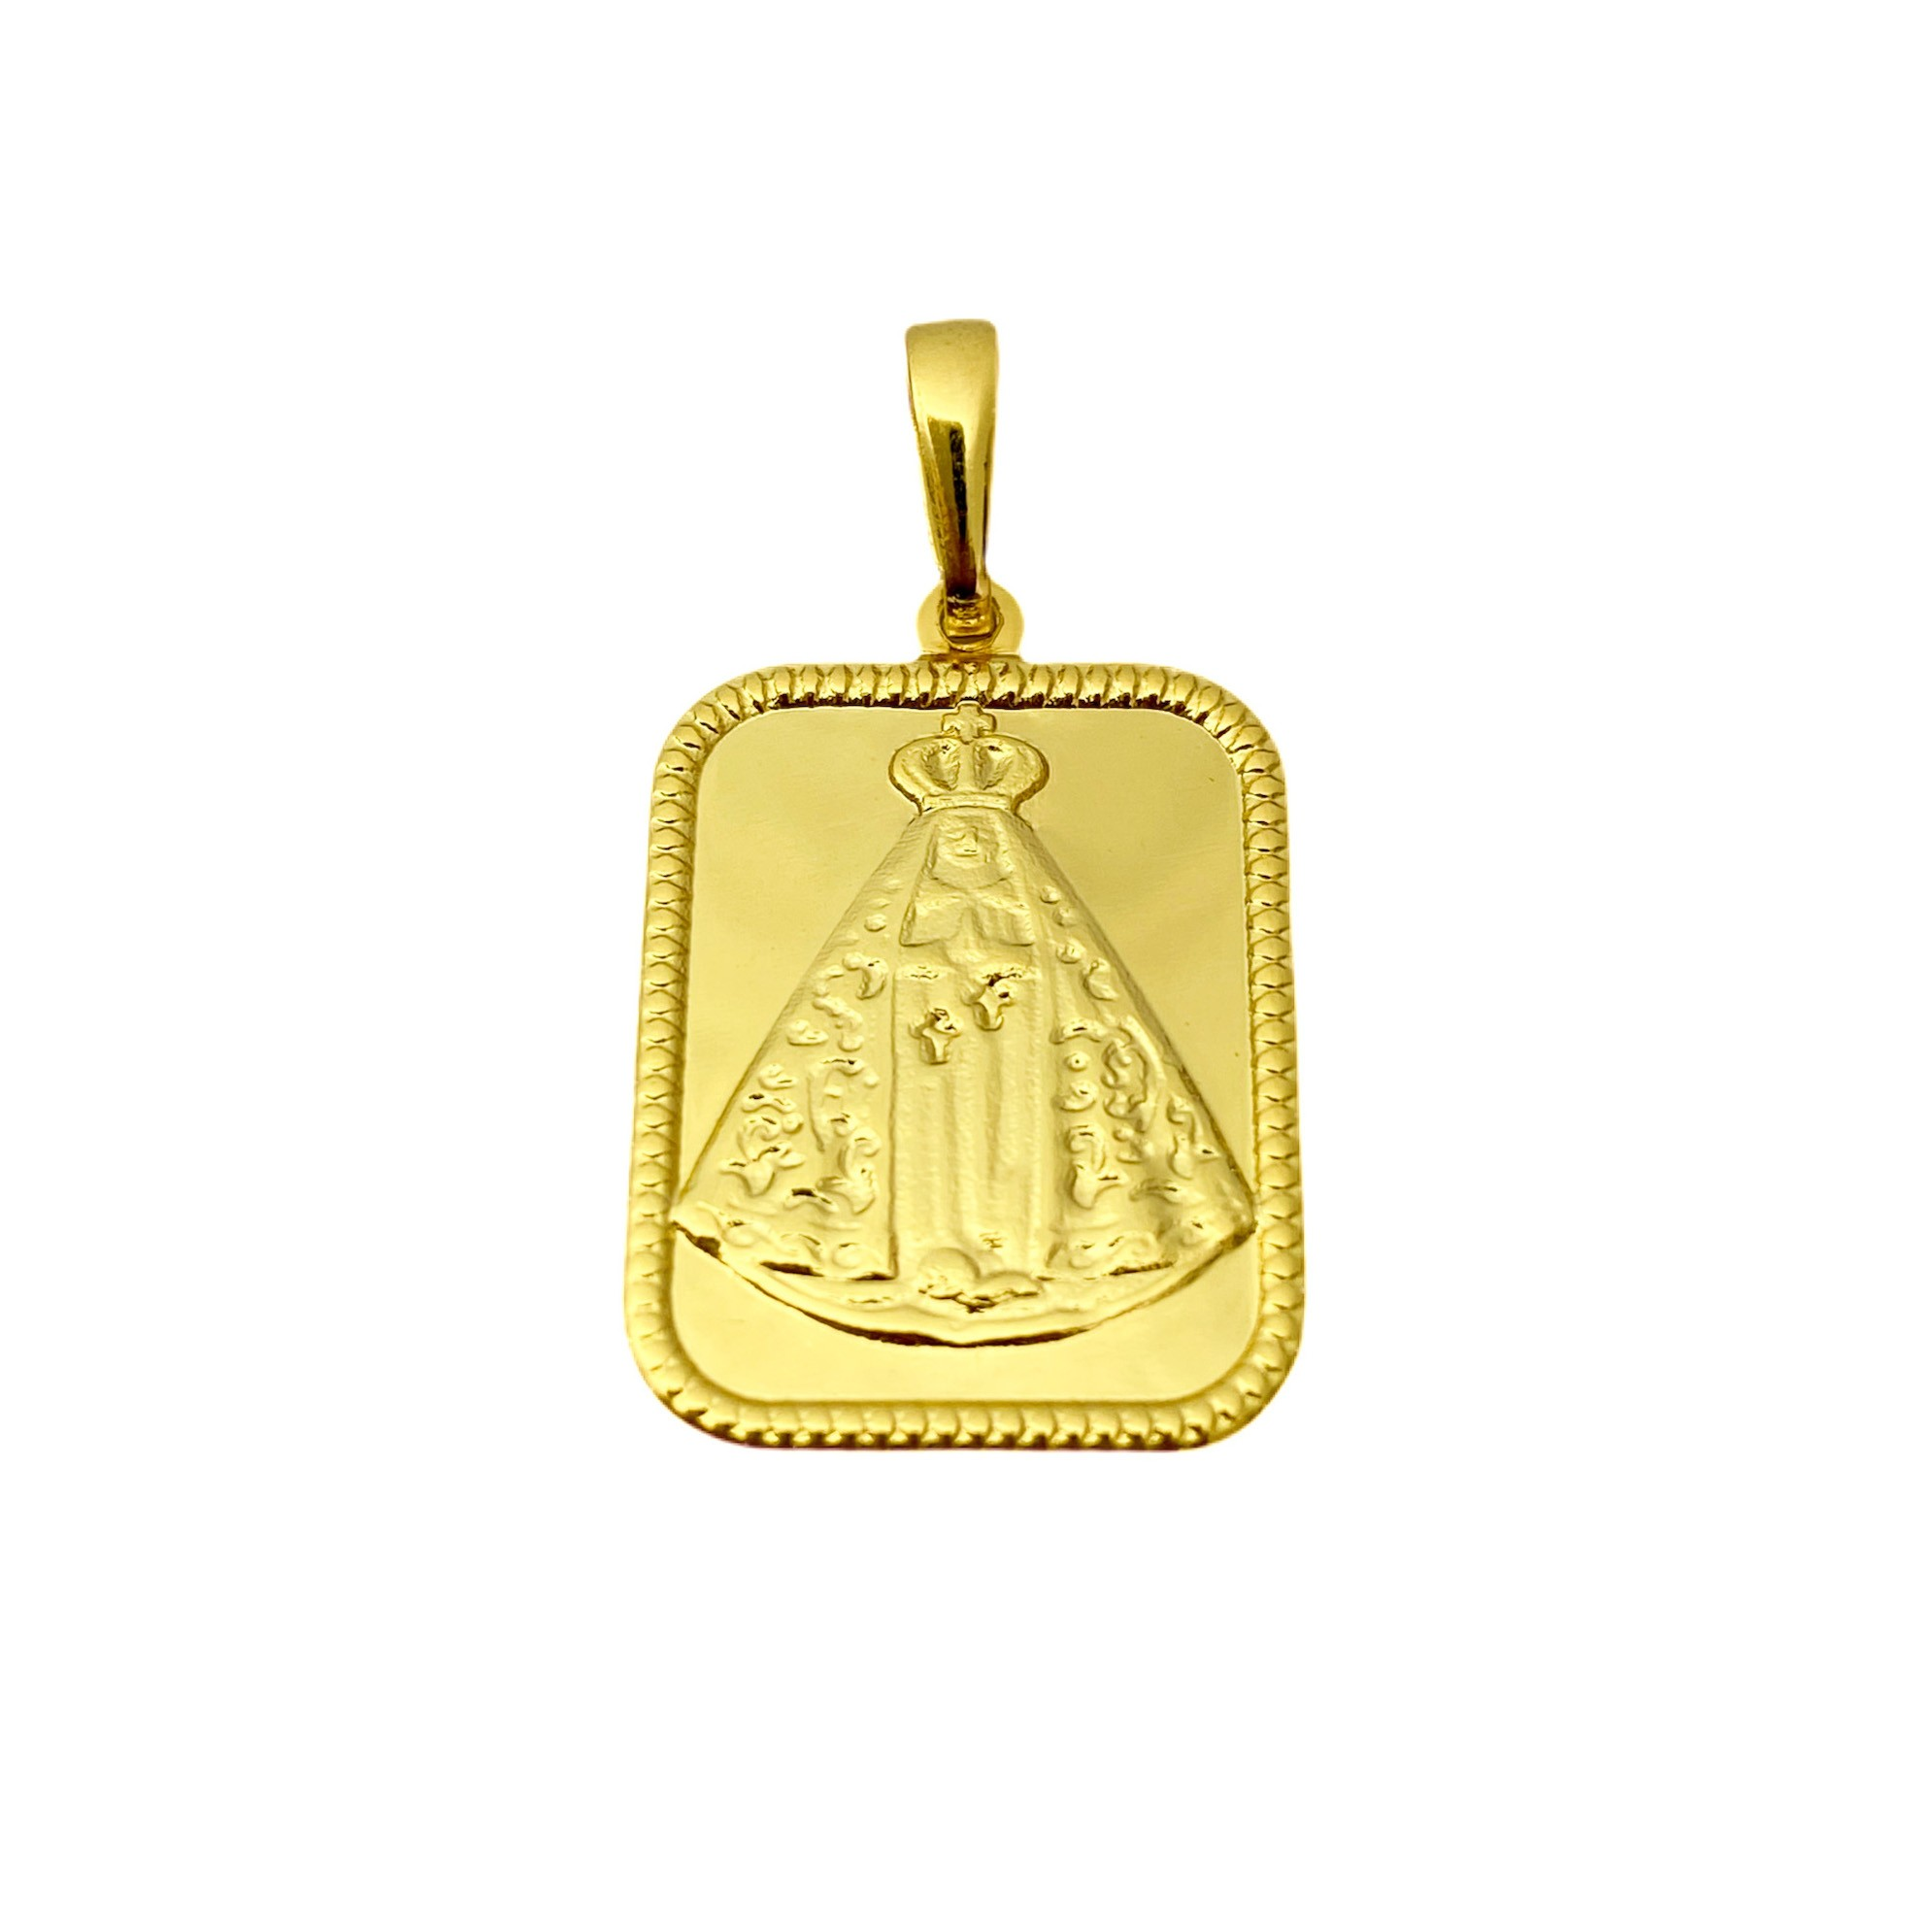 Conjunto Cordão Baiano Diamantado 2mm 60cm 8,4g (Fecho canhão) + Pingente Placa Nossa Senhora Aparecida 2,2cm X 1,7cm + Pulseira Cordão Baiano 2mm 5g (Fecho Canhão) (Banho Ouro 24k)